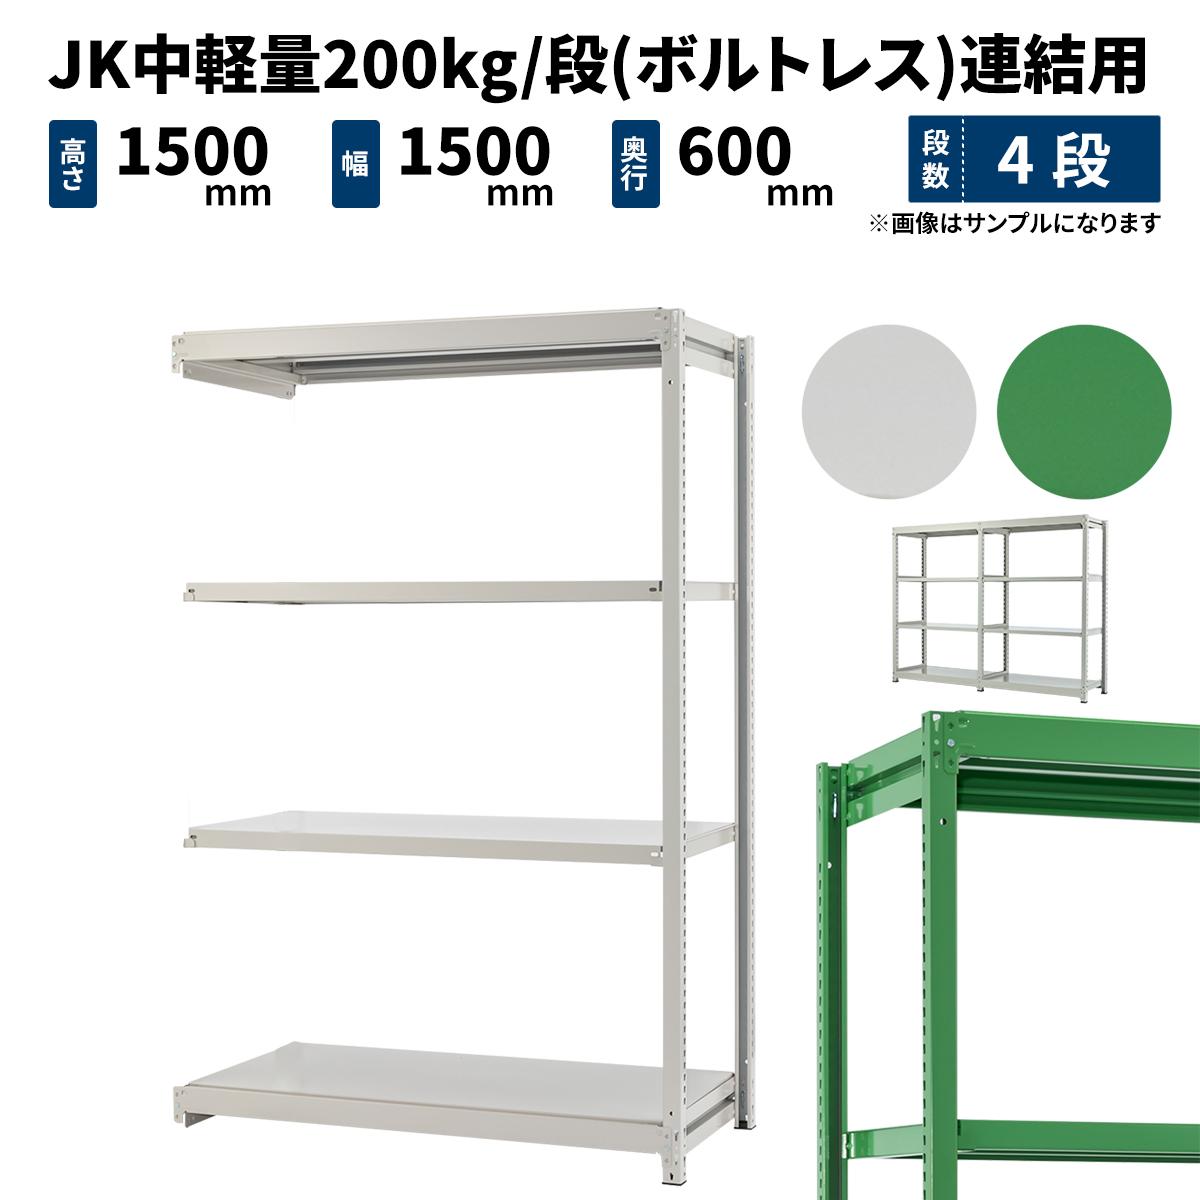 スチールラック 業務用 JK中軽量200kg/段(ボルトレス) 連結形式 高さ1500×幅1500×奥行600mm 4段 ホワイトグレー/グリーン JK200_R-151506-4